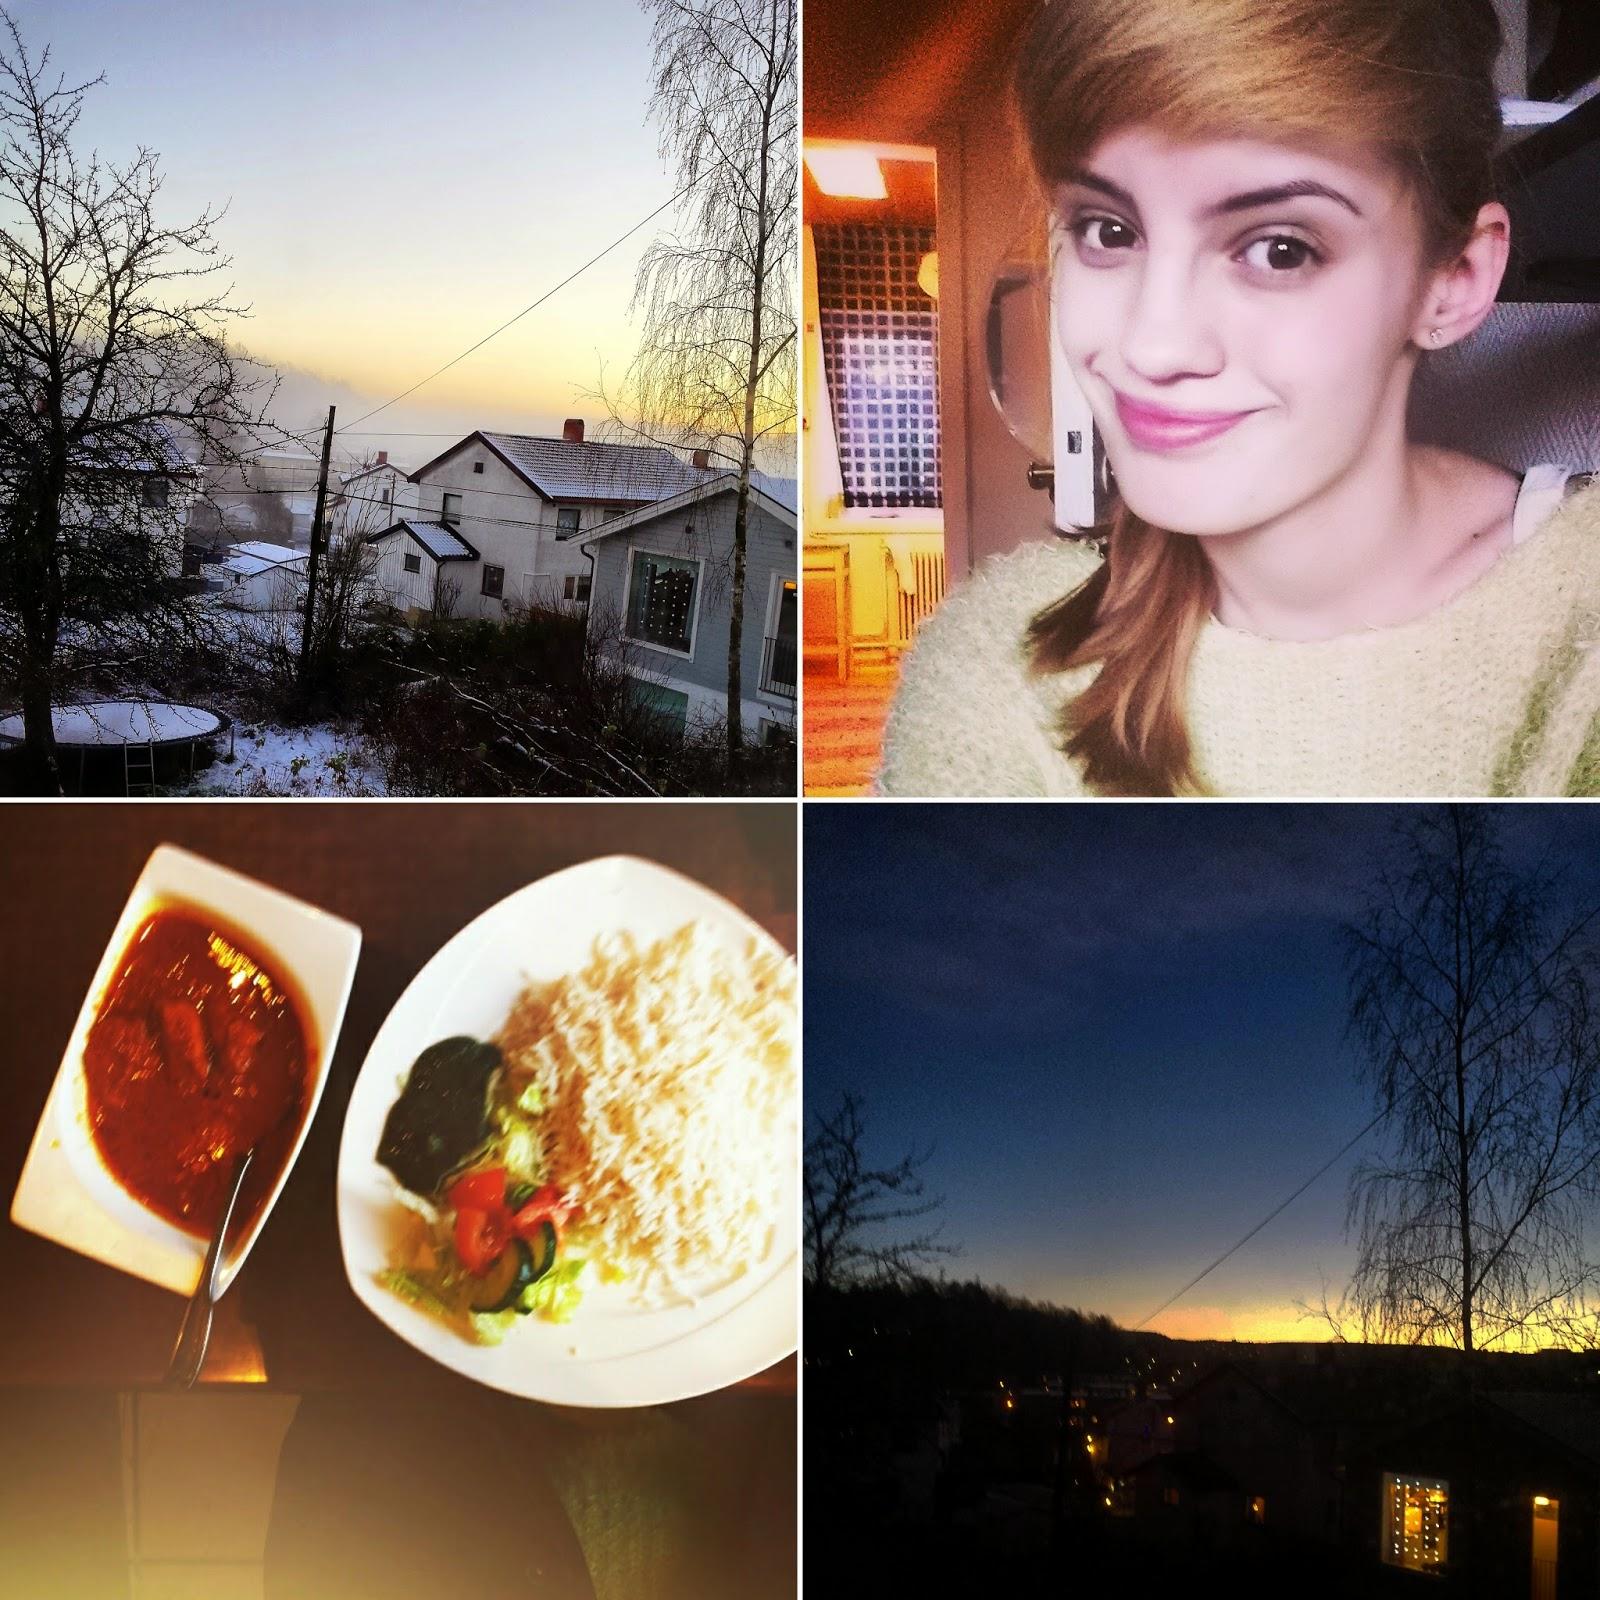 życie w Norwegii, podróż, tanie podróżowanie,dobre jedzenie, zwiedzanie